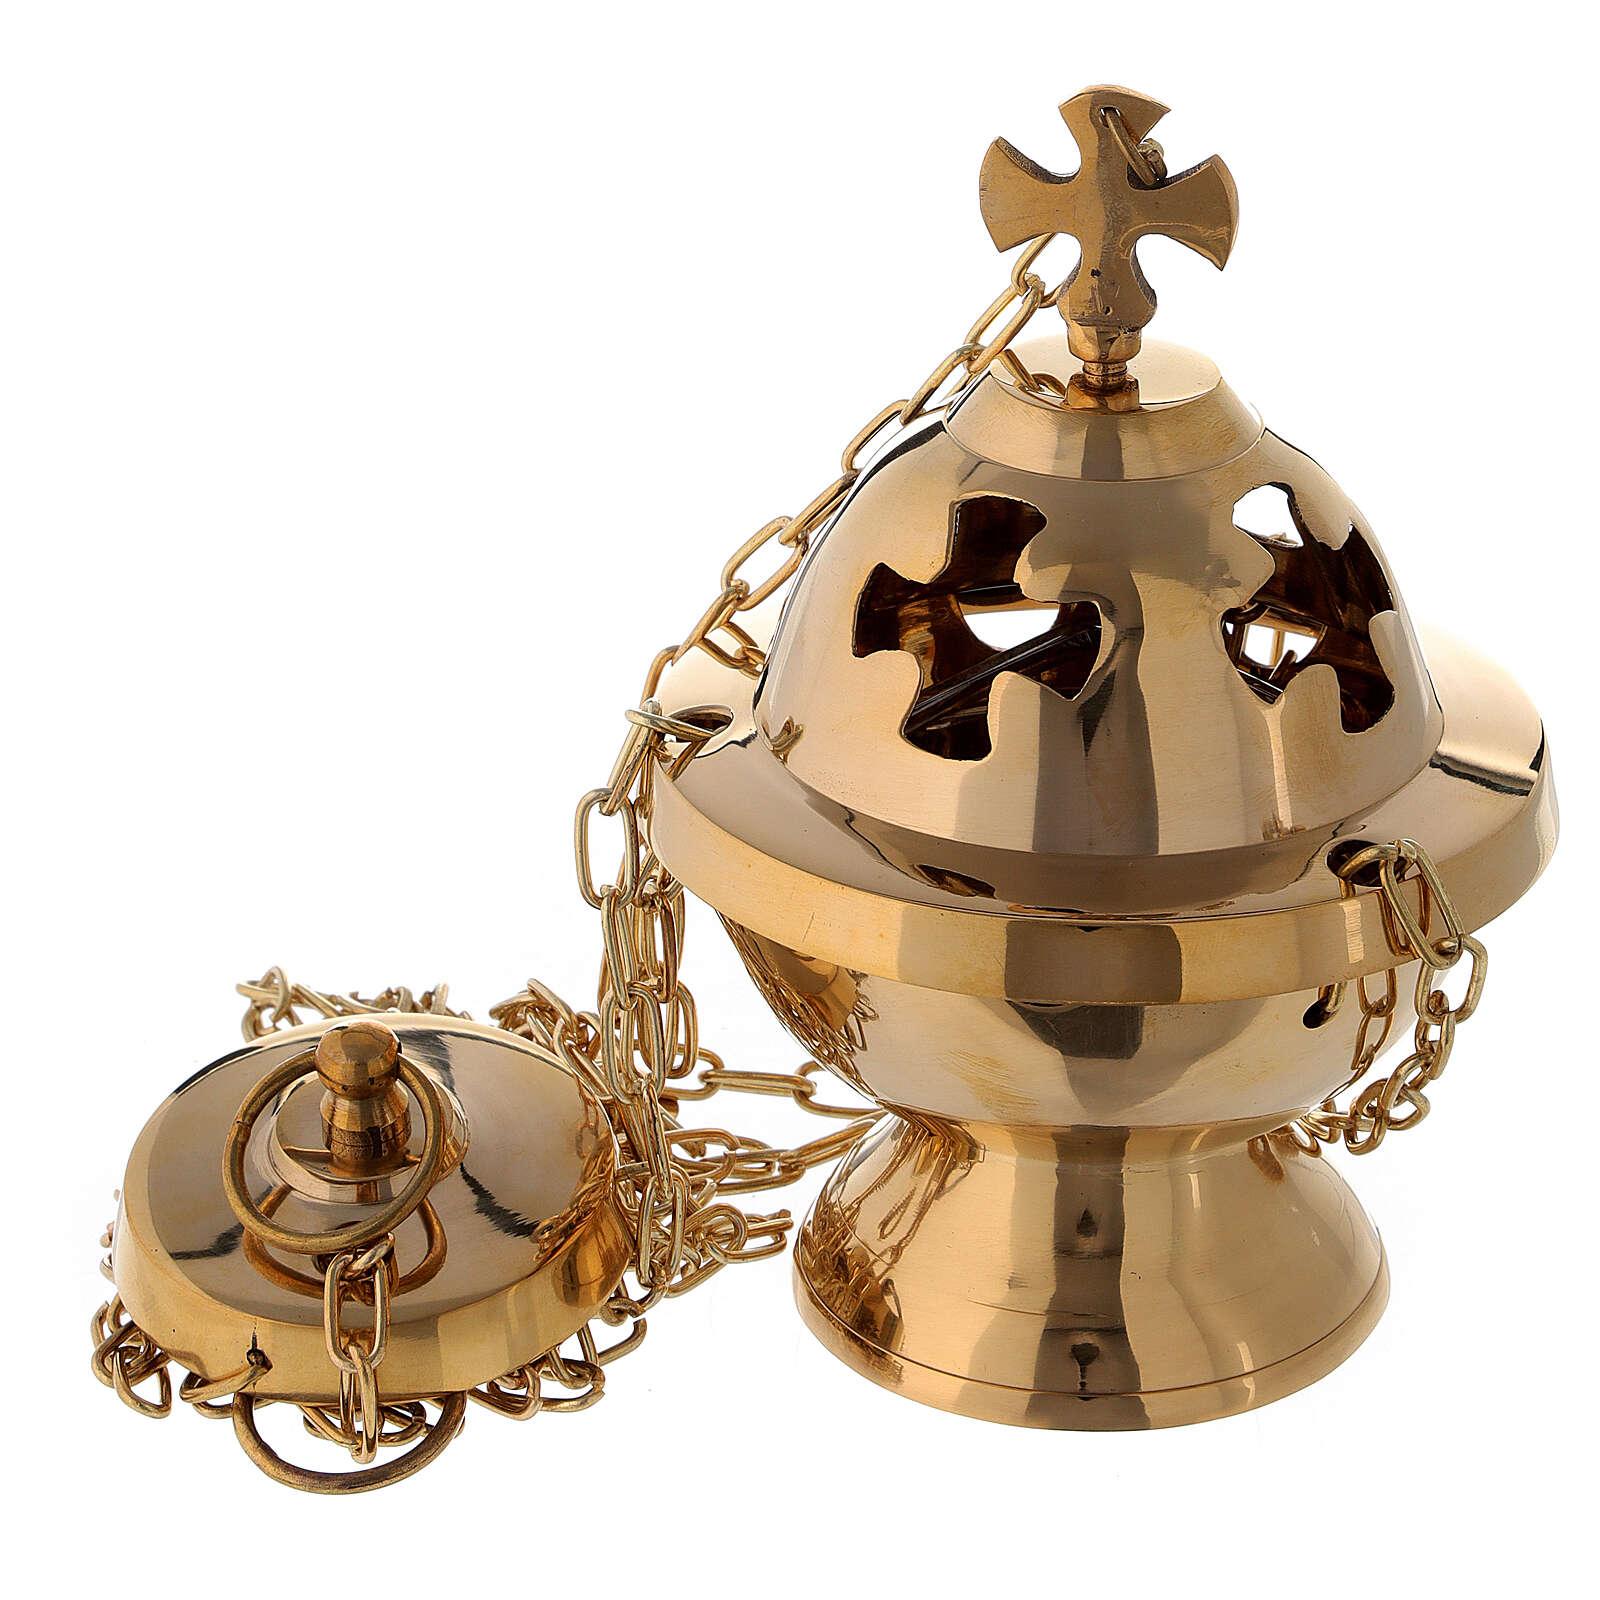 Turibolo sfera croce maltese altezza 15 cm con cestello 3